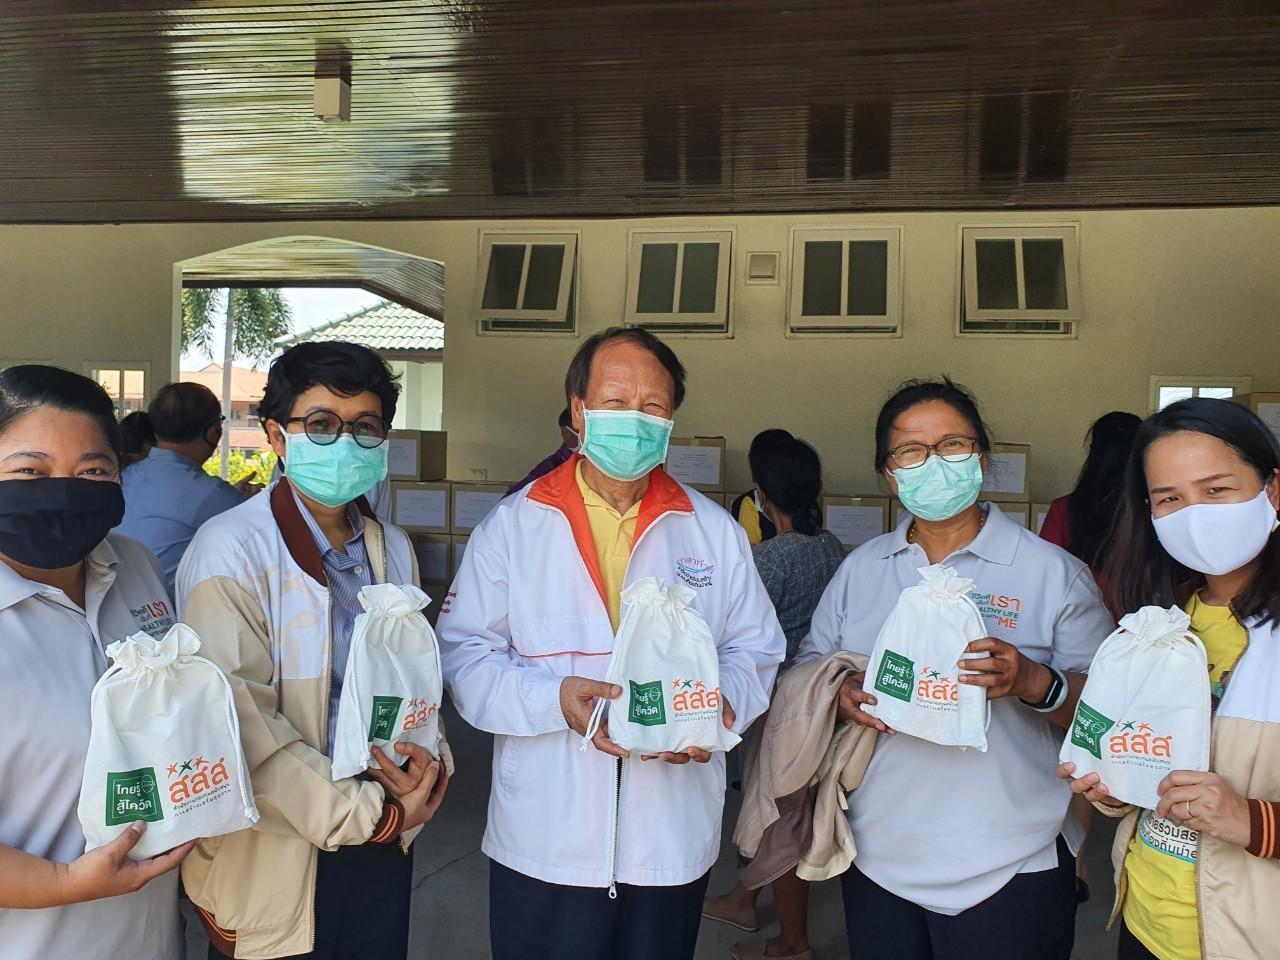 ส่งชุดเครื่องมือสุขภาวะ ถึงมือชุมชนป้องกันโควิด-19 thaihealth